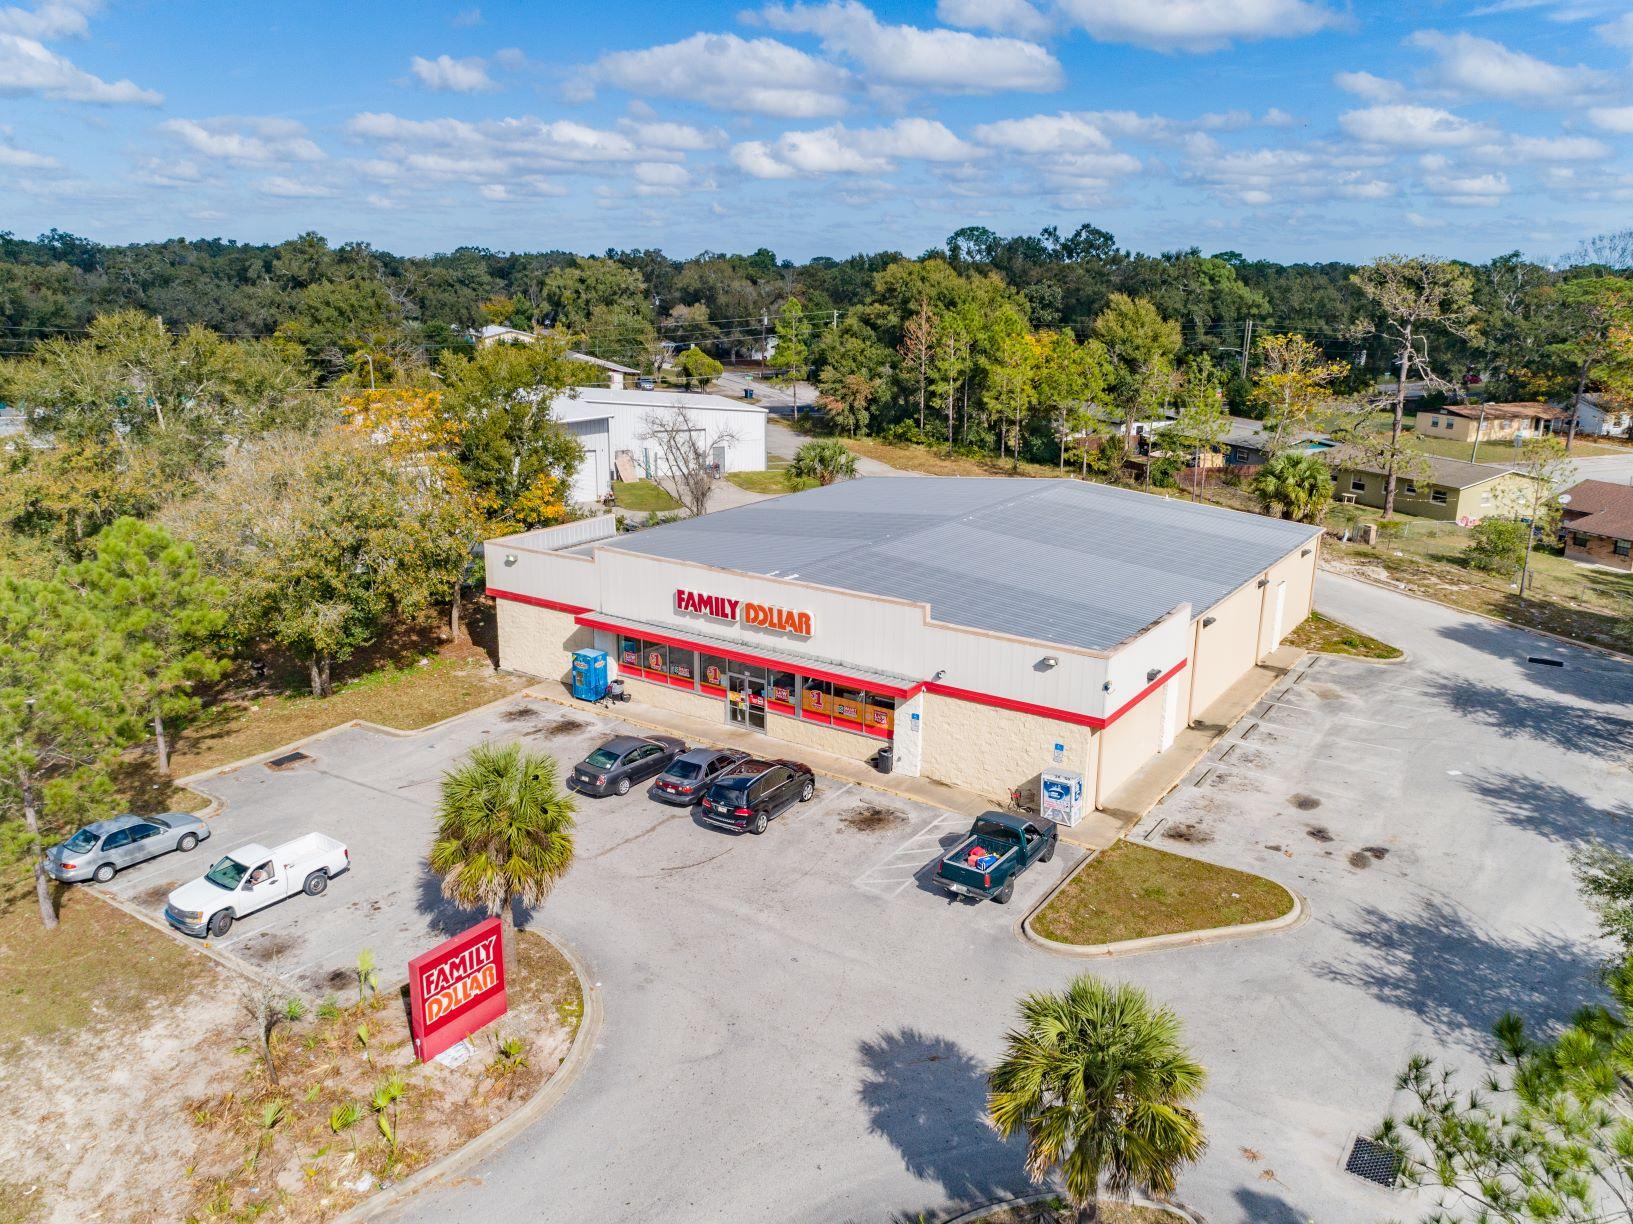 915 S. Spring Garden Avenue, Deland, Florida, ,Retail,For Sale,915 S. Spring Garden Avenue,1027